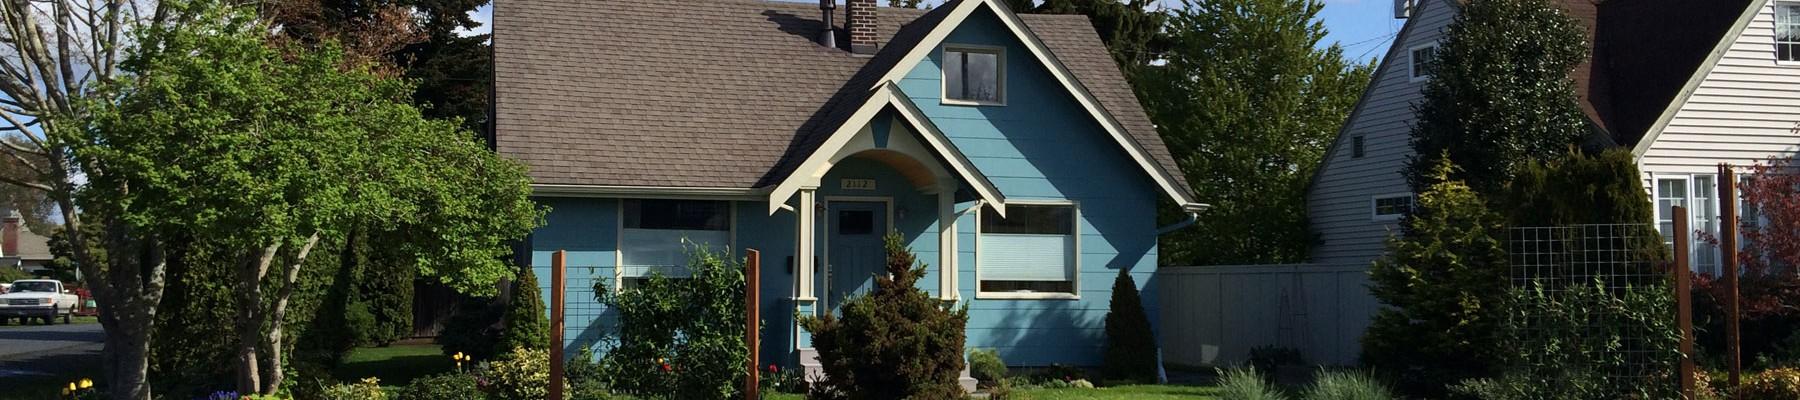 slider-house4-1800